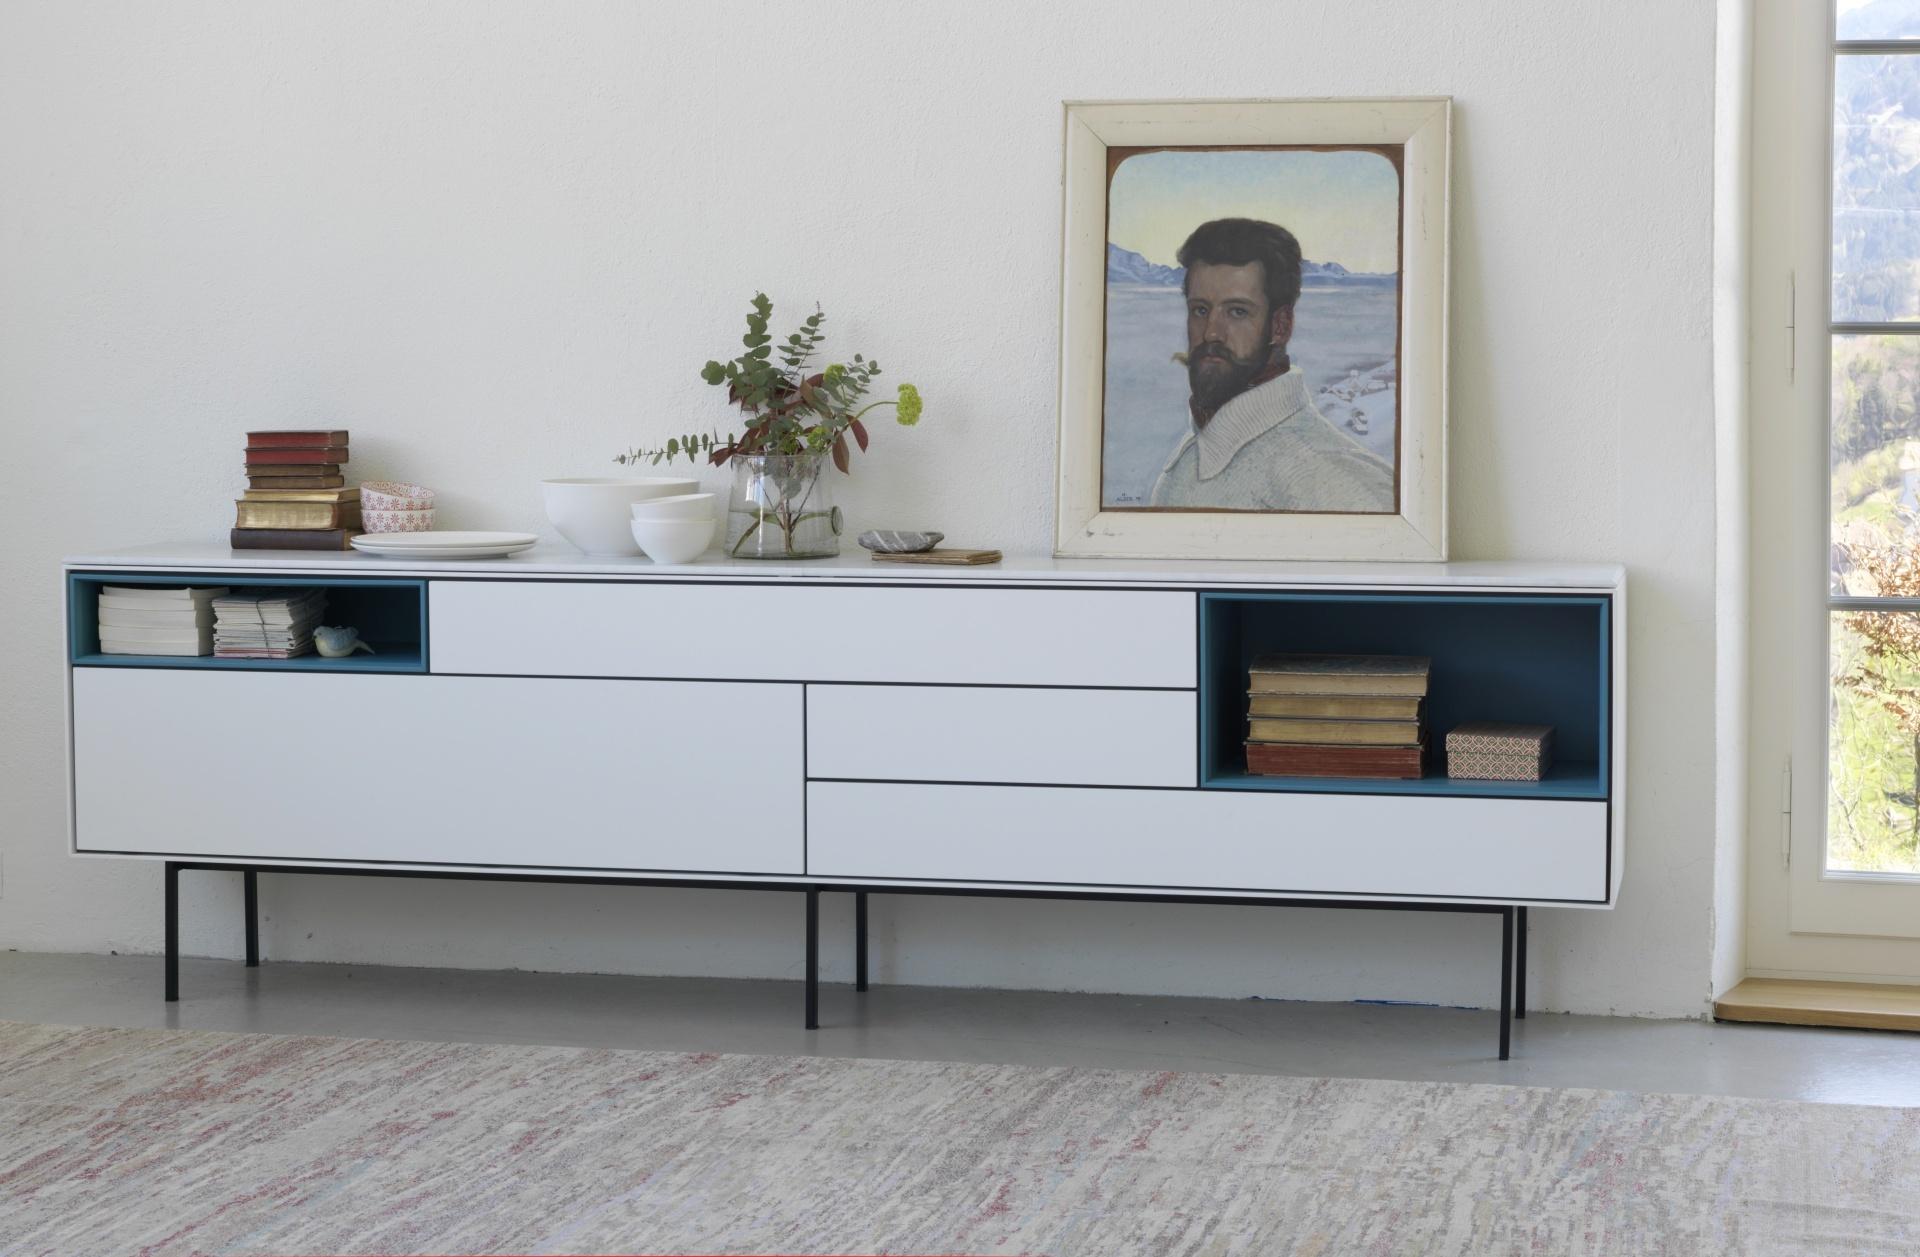 7 m bel f r ein leben wohnen. Black Bedroom Furniture Sets. Home Design Ideas